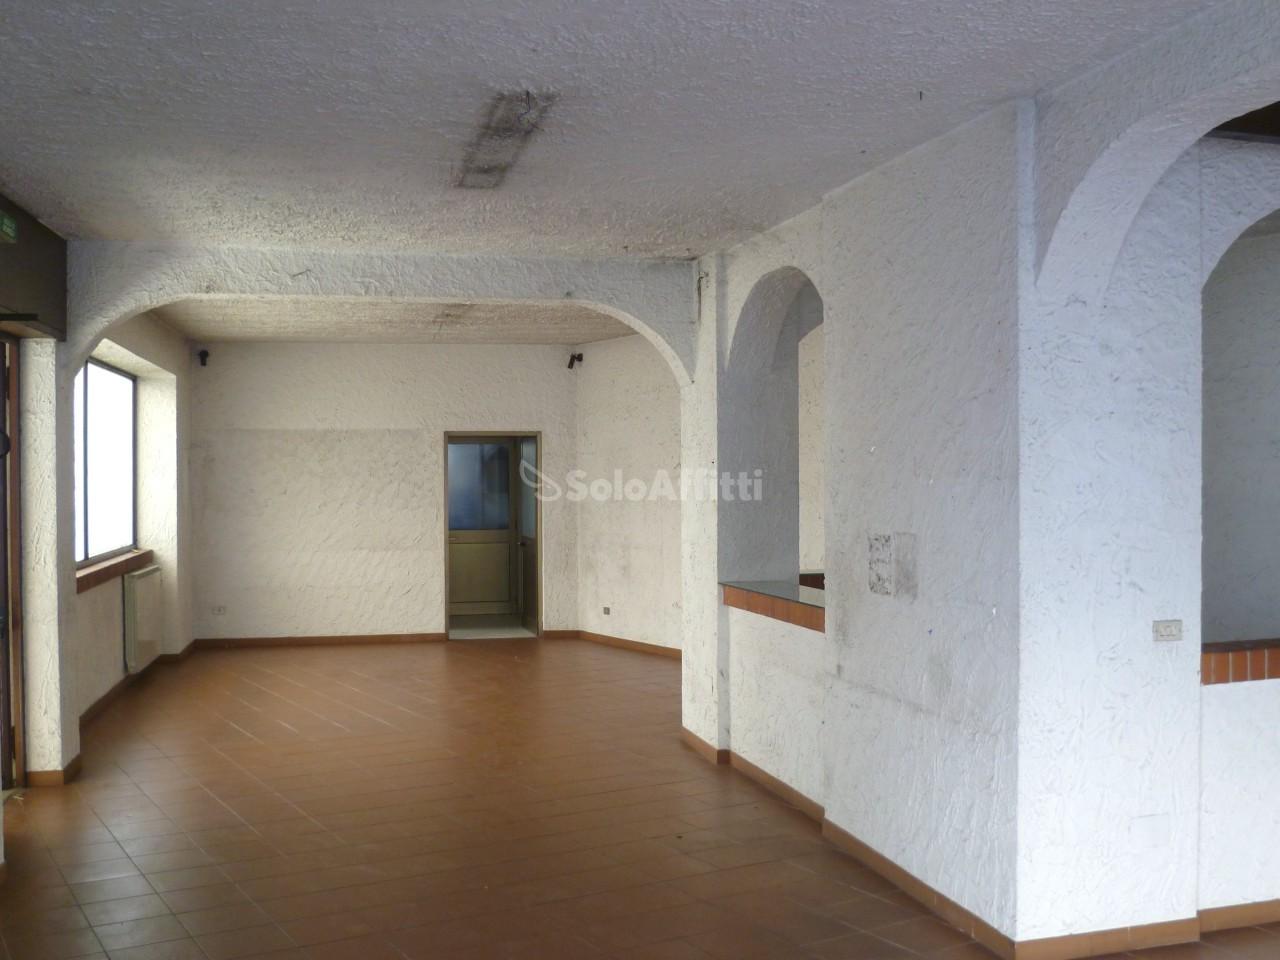 Fondo/negozio - 3 vetrine/luci a Strambino Rif. 4131835